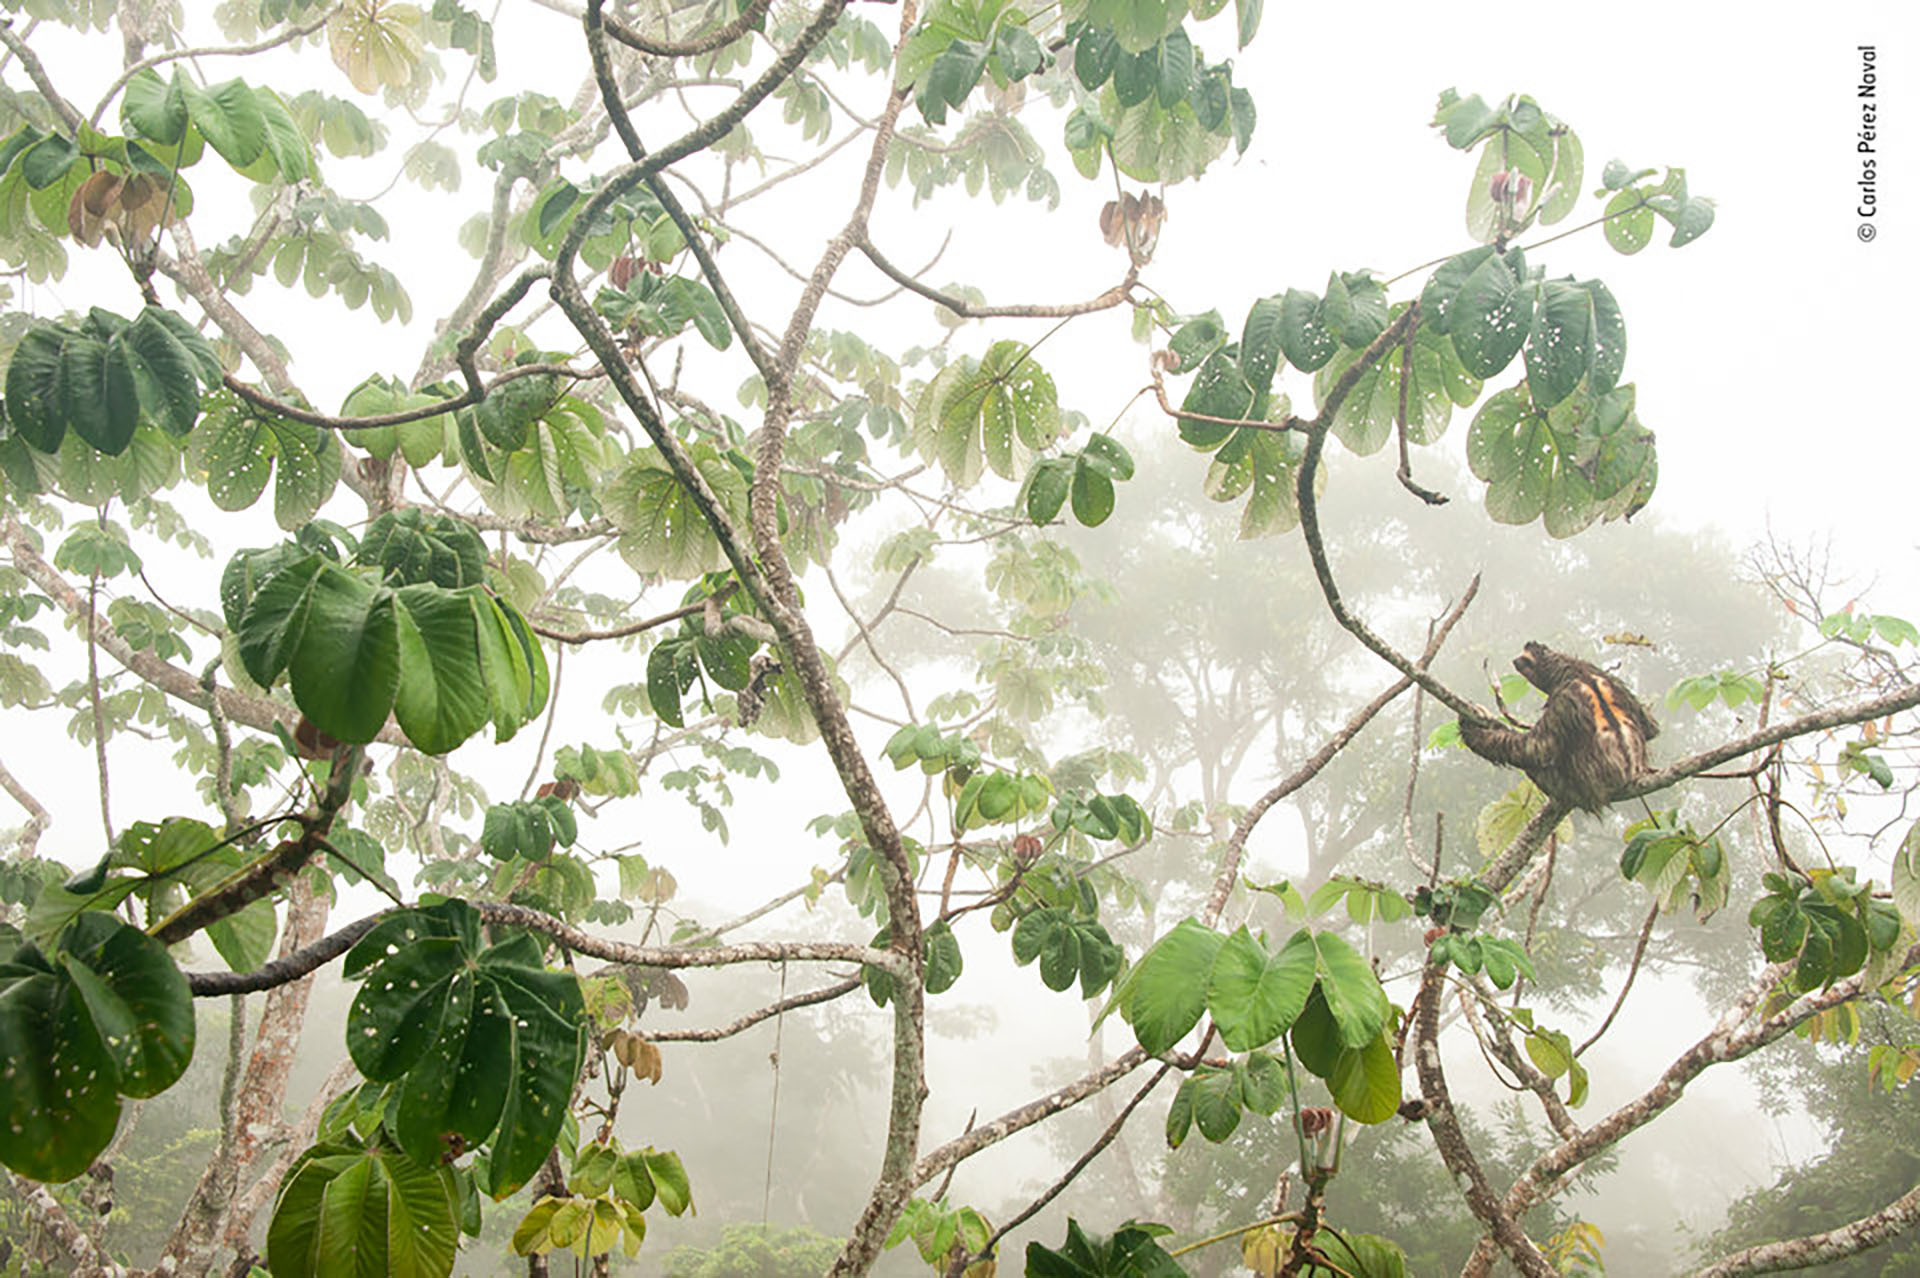 Un perezoso macho de tres dedos, de garganta marrón. (Carlos Pérez Fotógrafo Naval/Fotografo de Vida Silvestre del Año)